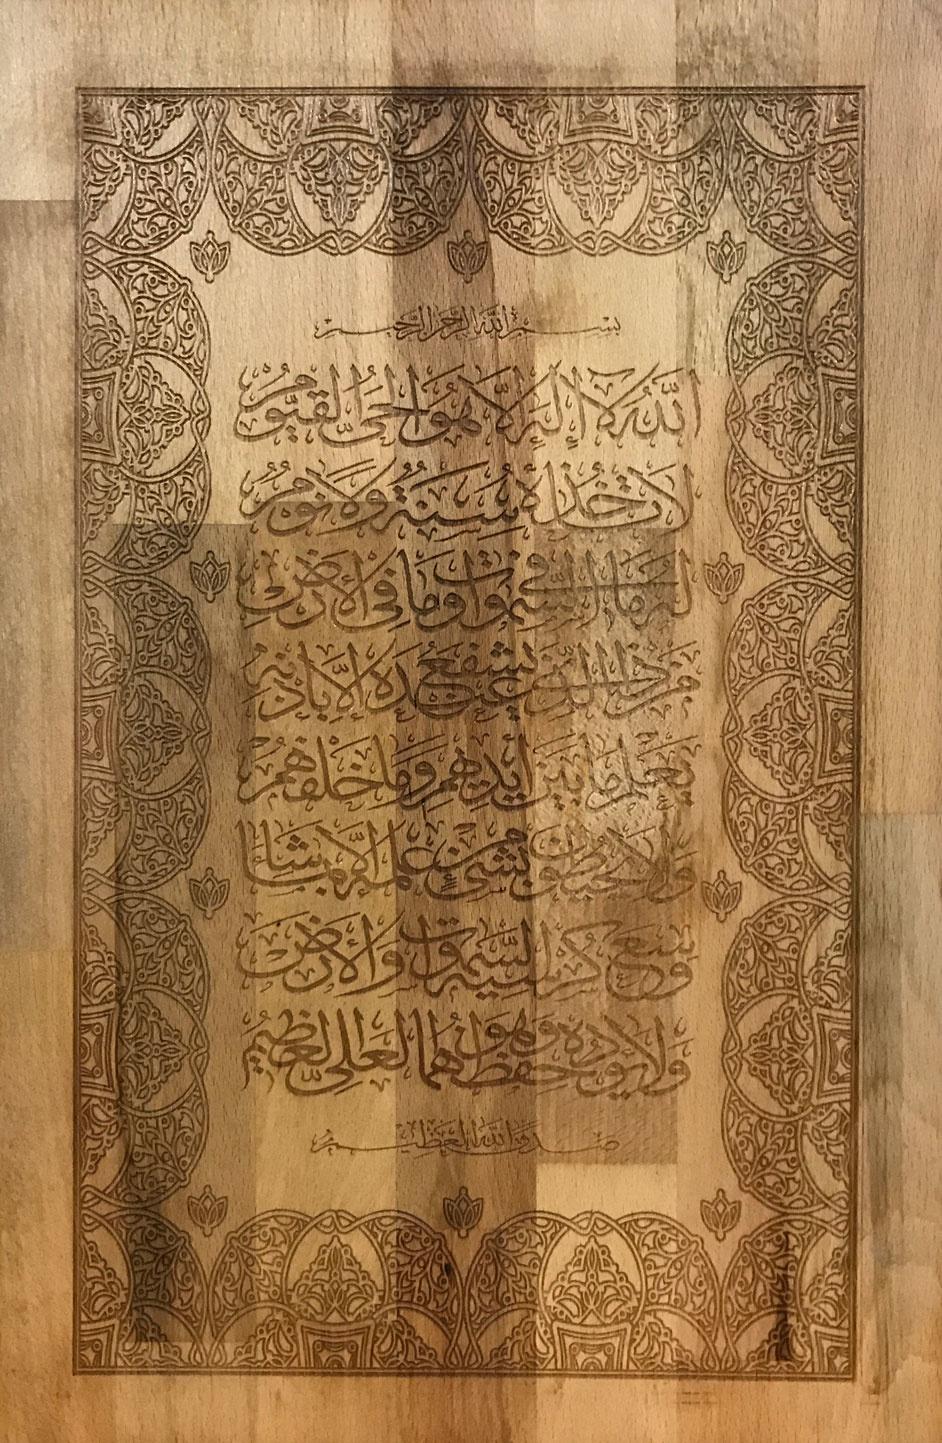 Islamic traditional calligraphy on wood of Ayat Al Kursi ...